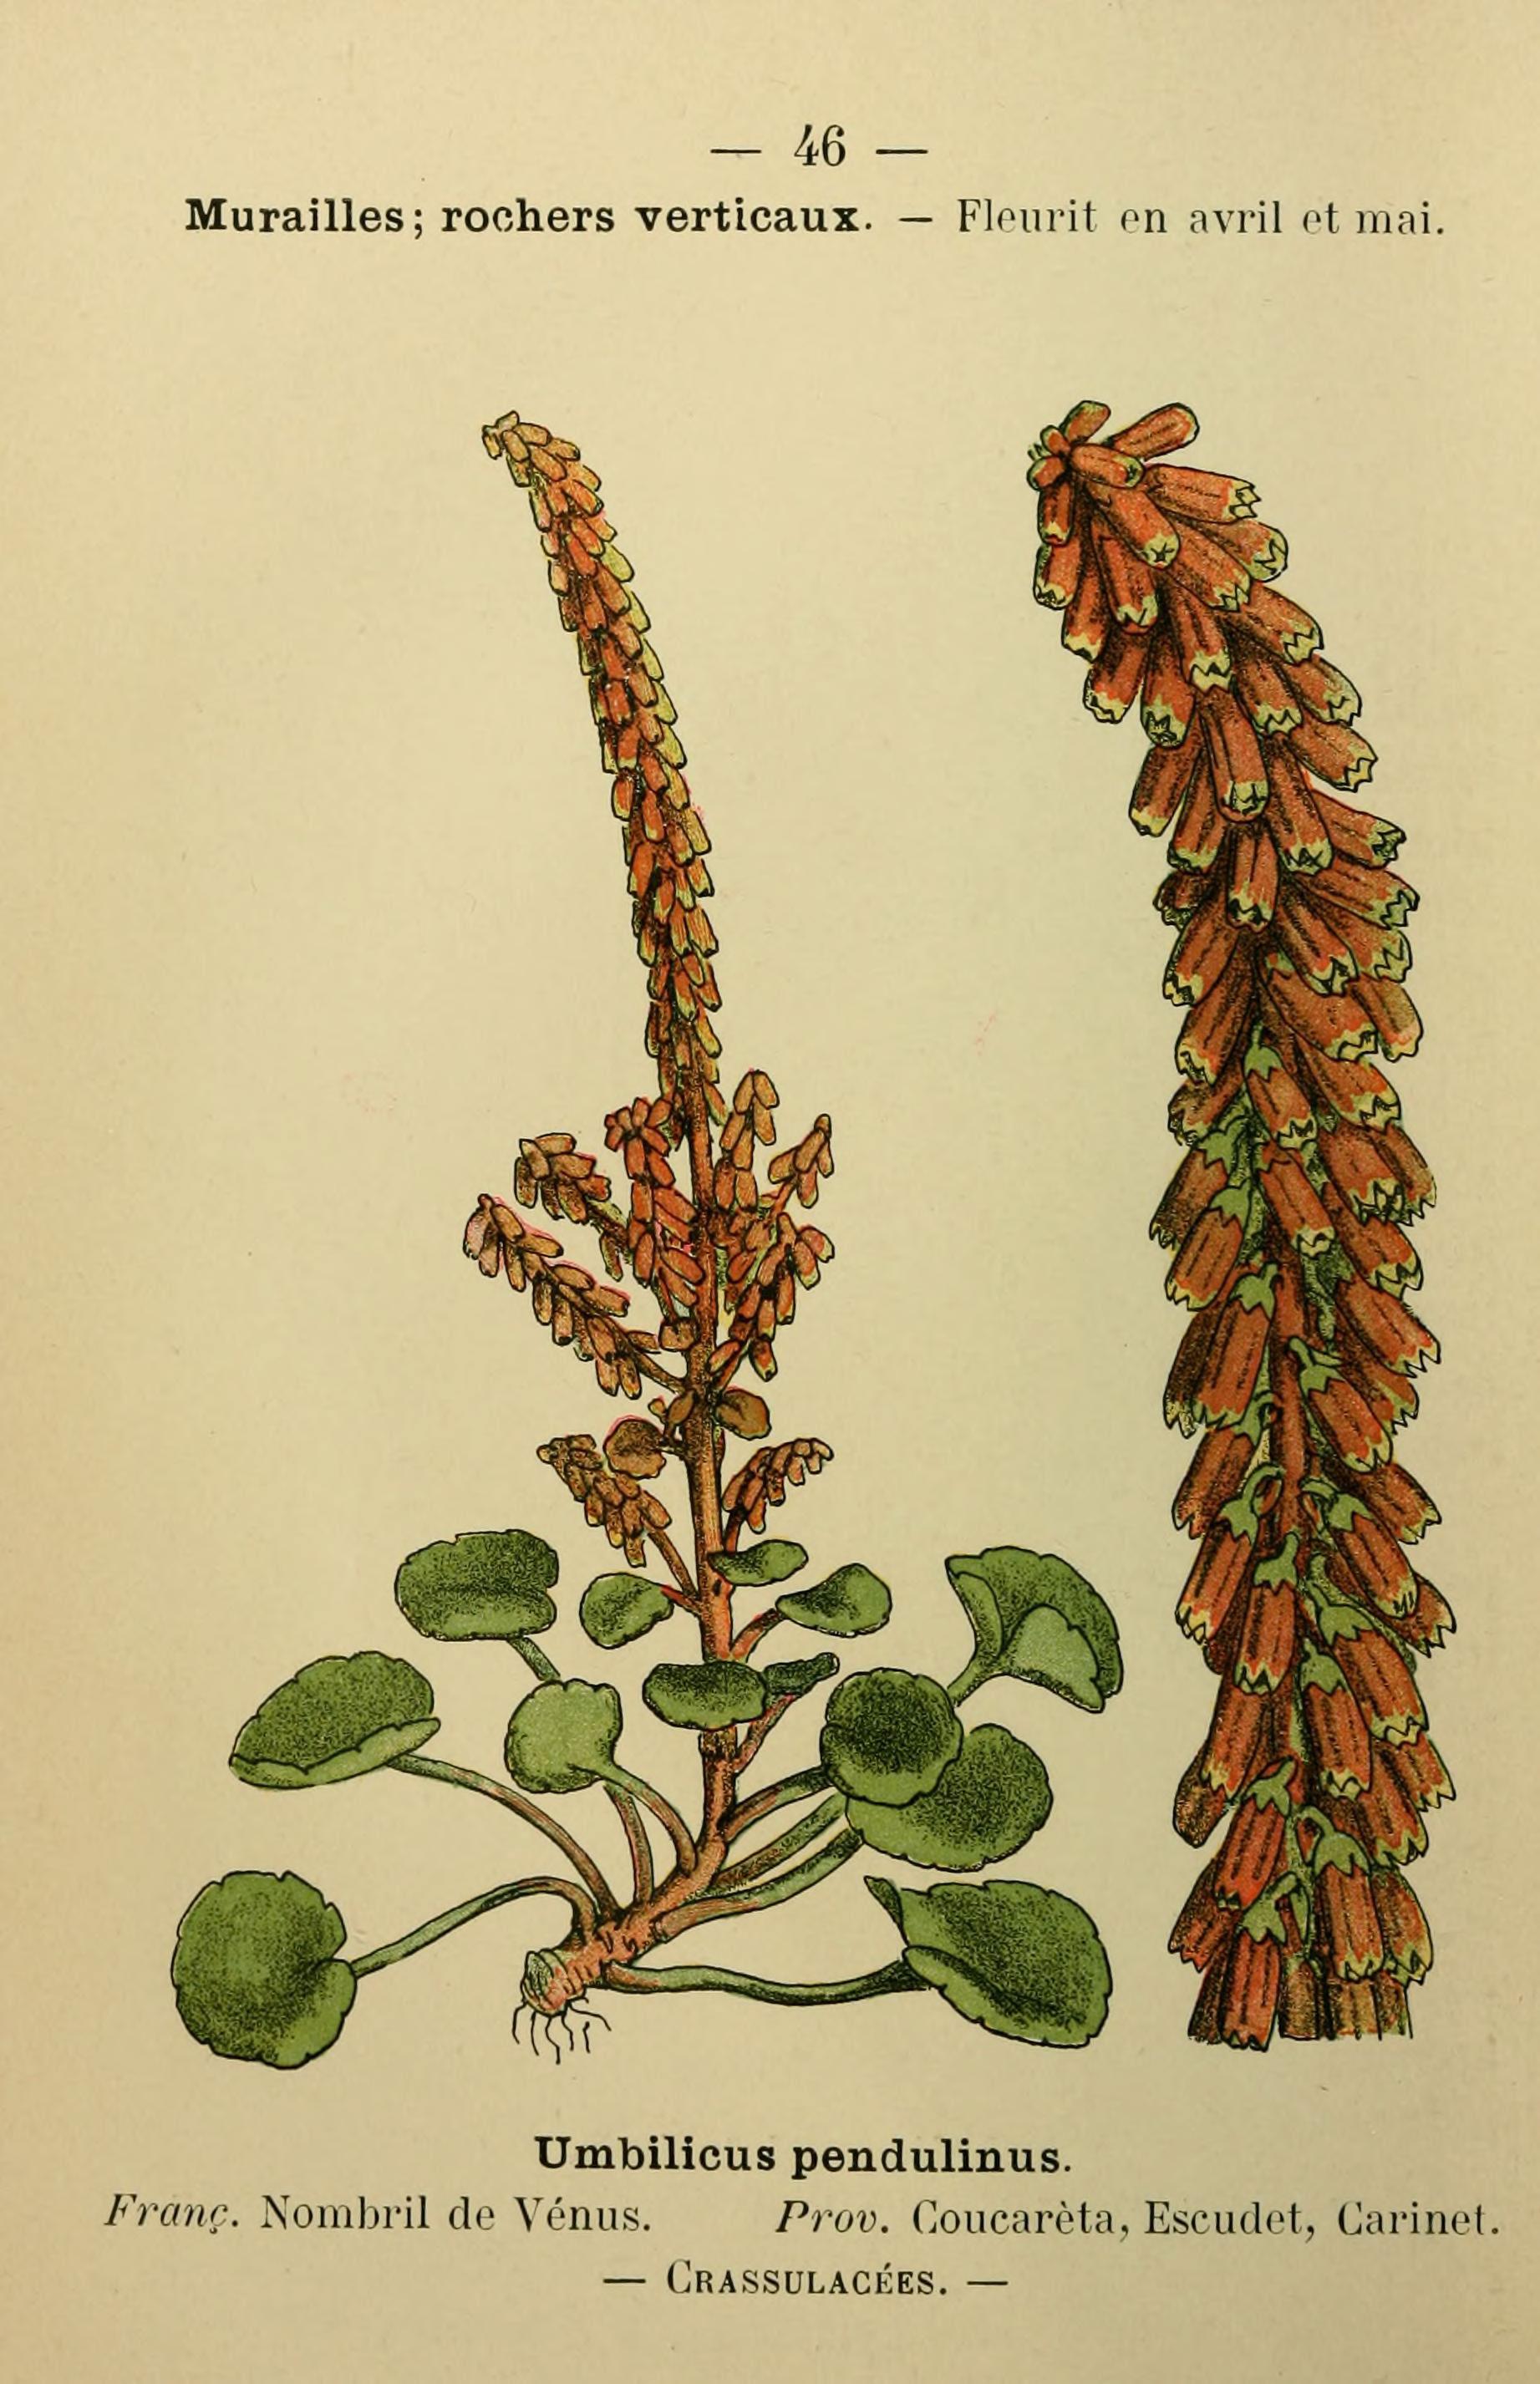 Umbigo-de-vénus